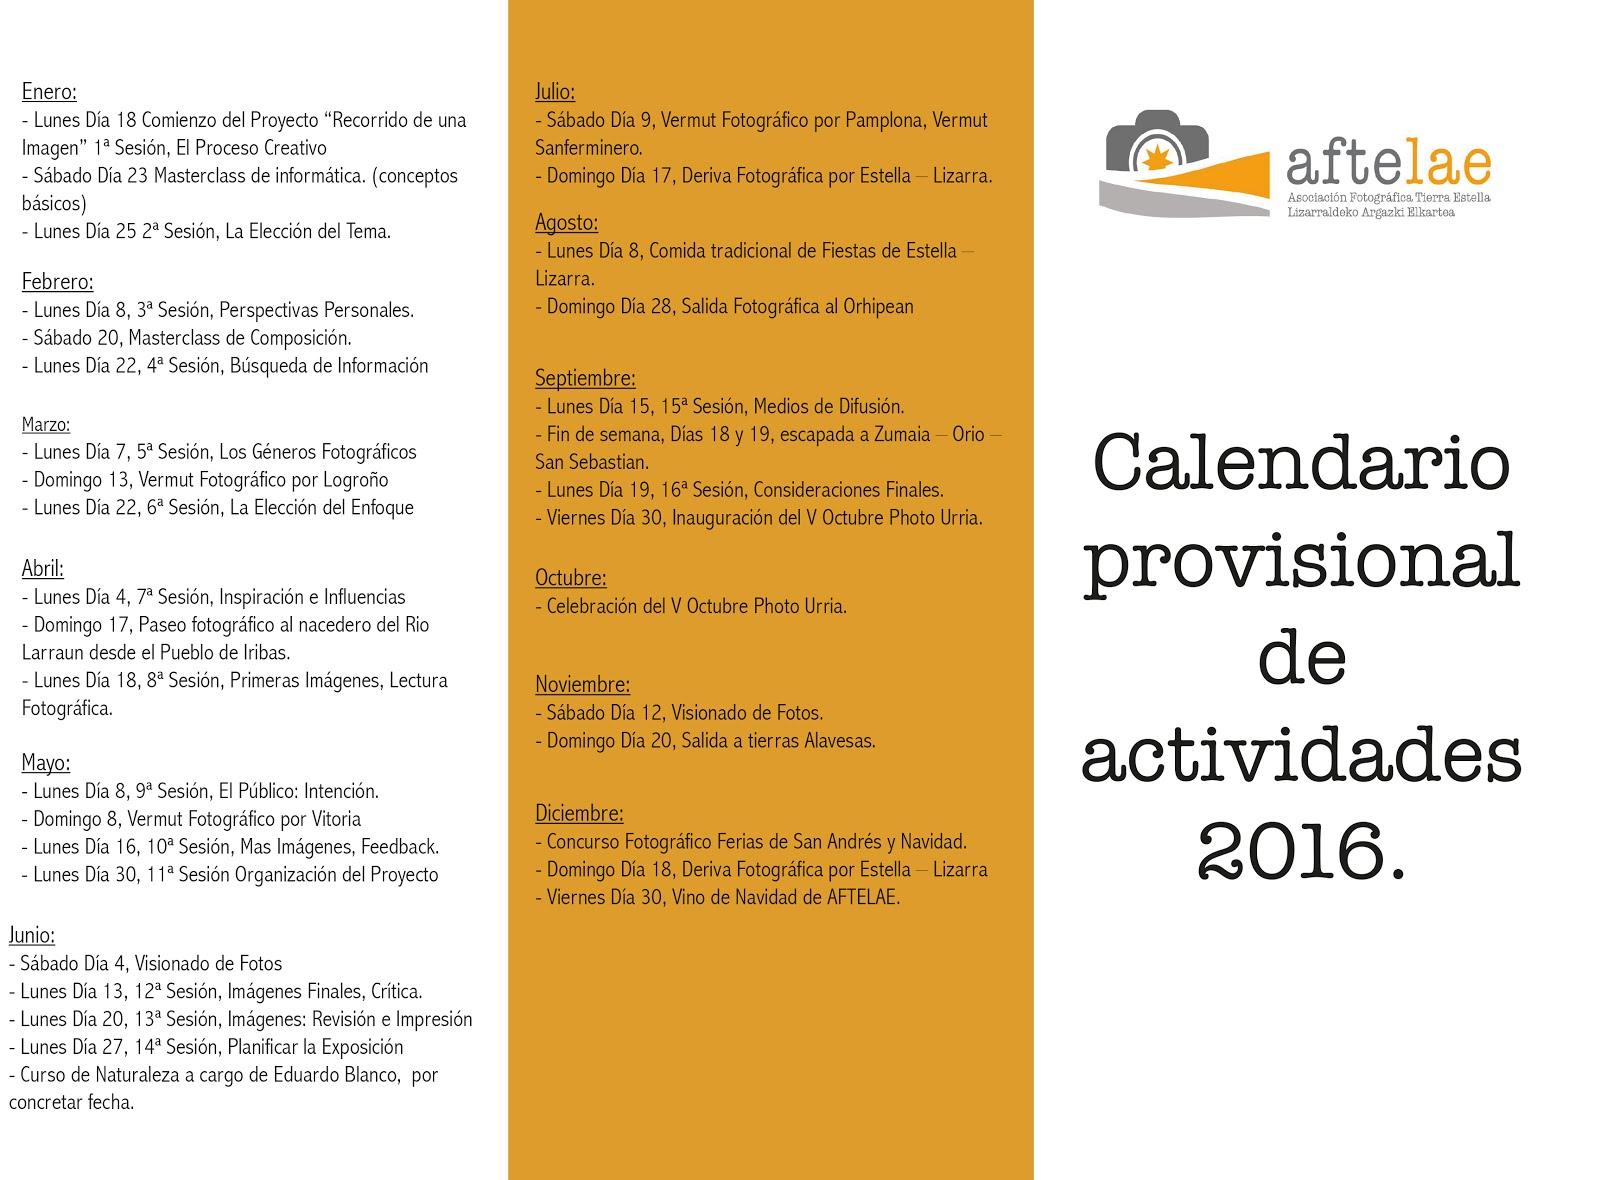 Calendario de actividades 2016